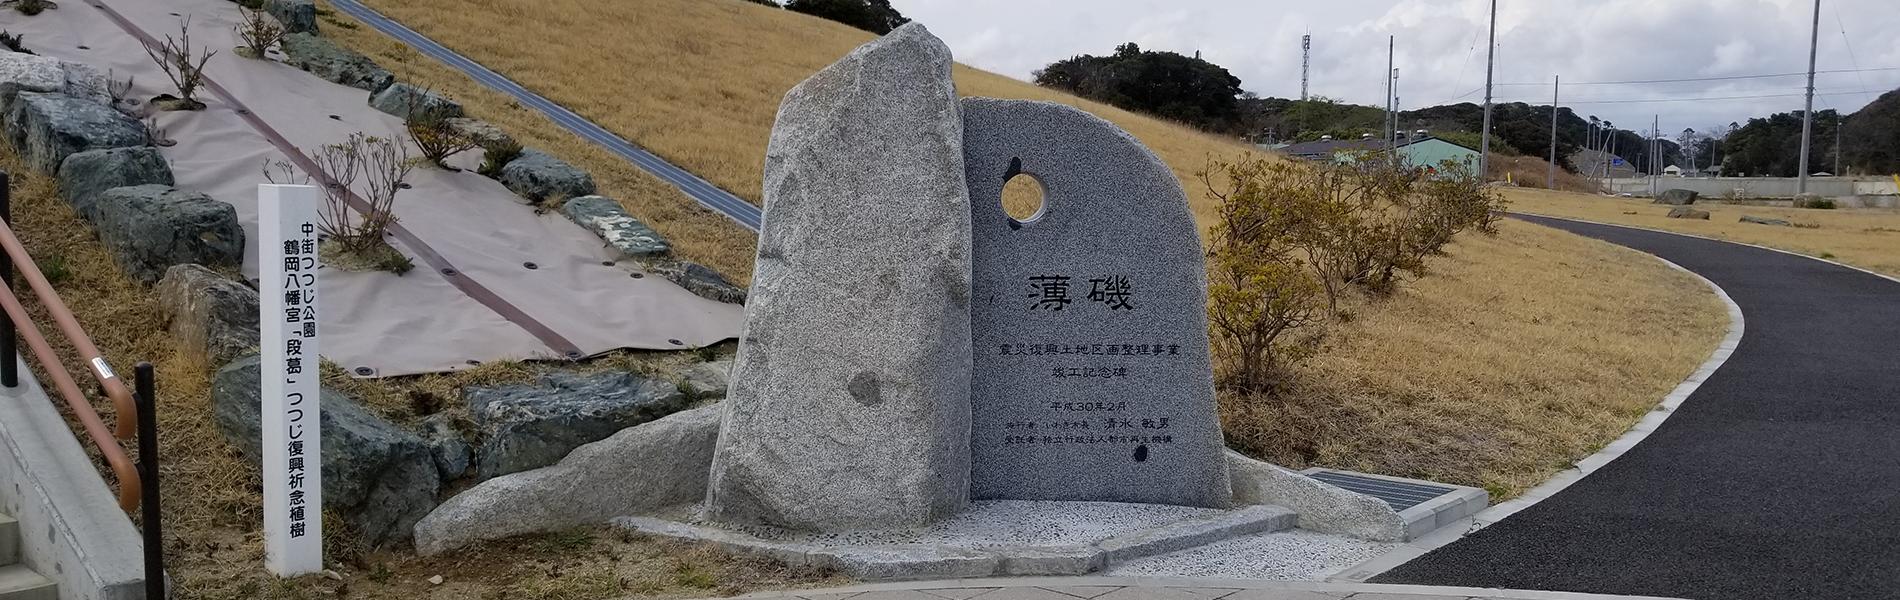 震災復興土地区画整理事業竣工記念碑設置 薄磯地区